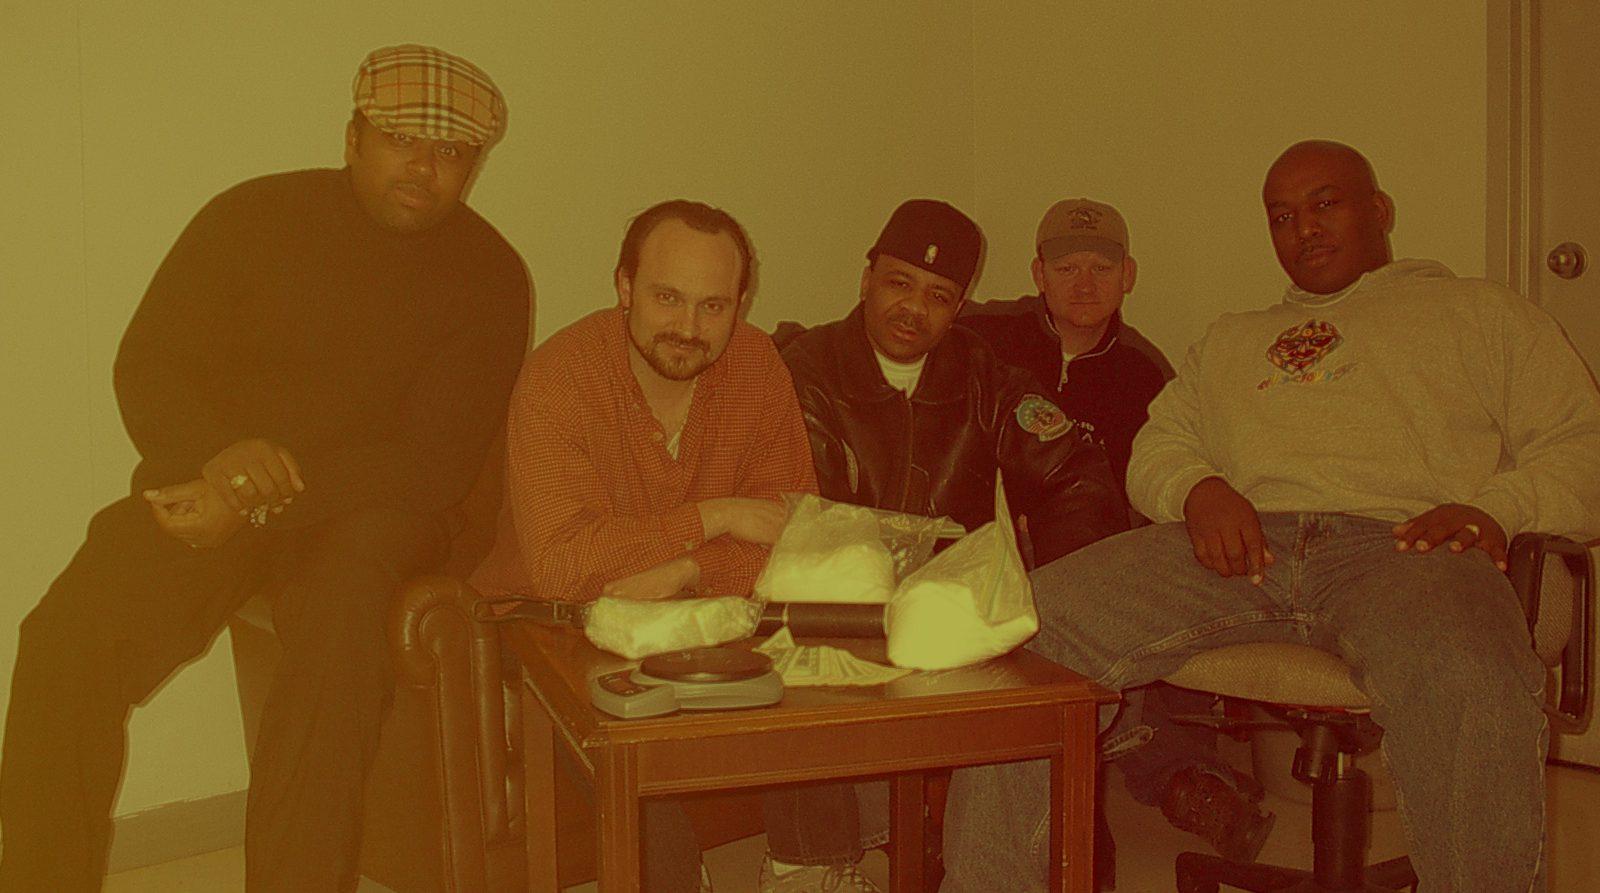 Ces agents infiltrés ont créé un faux studio de rap pour arrêter des narcos